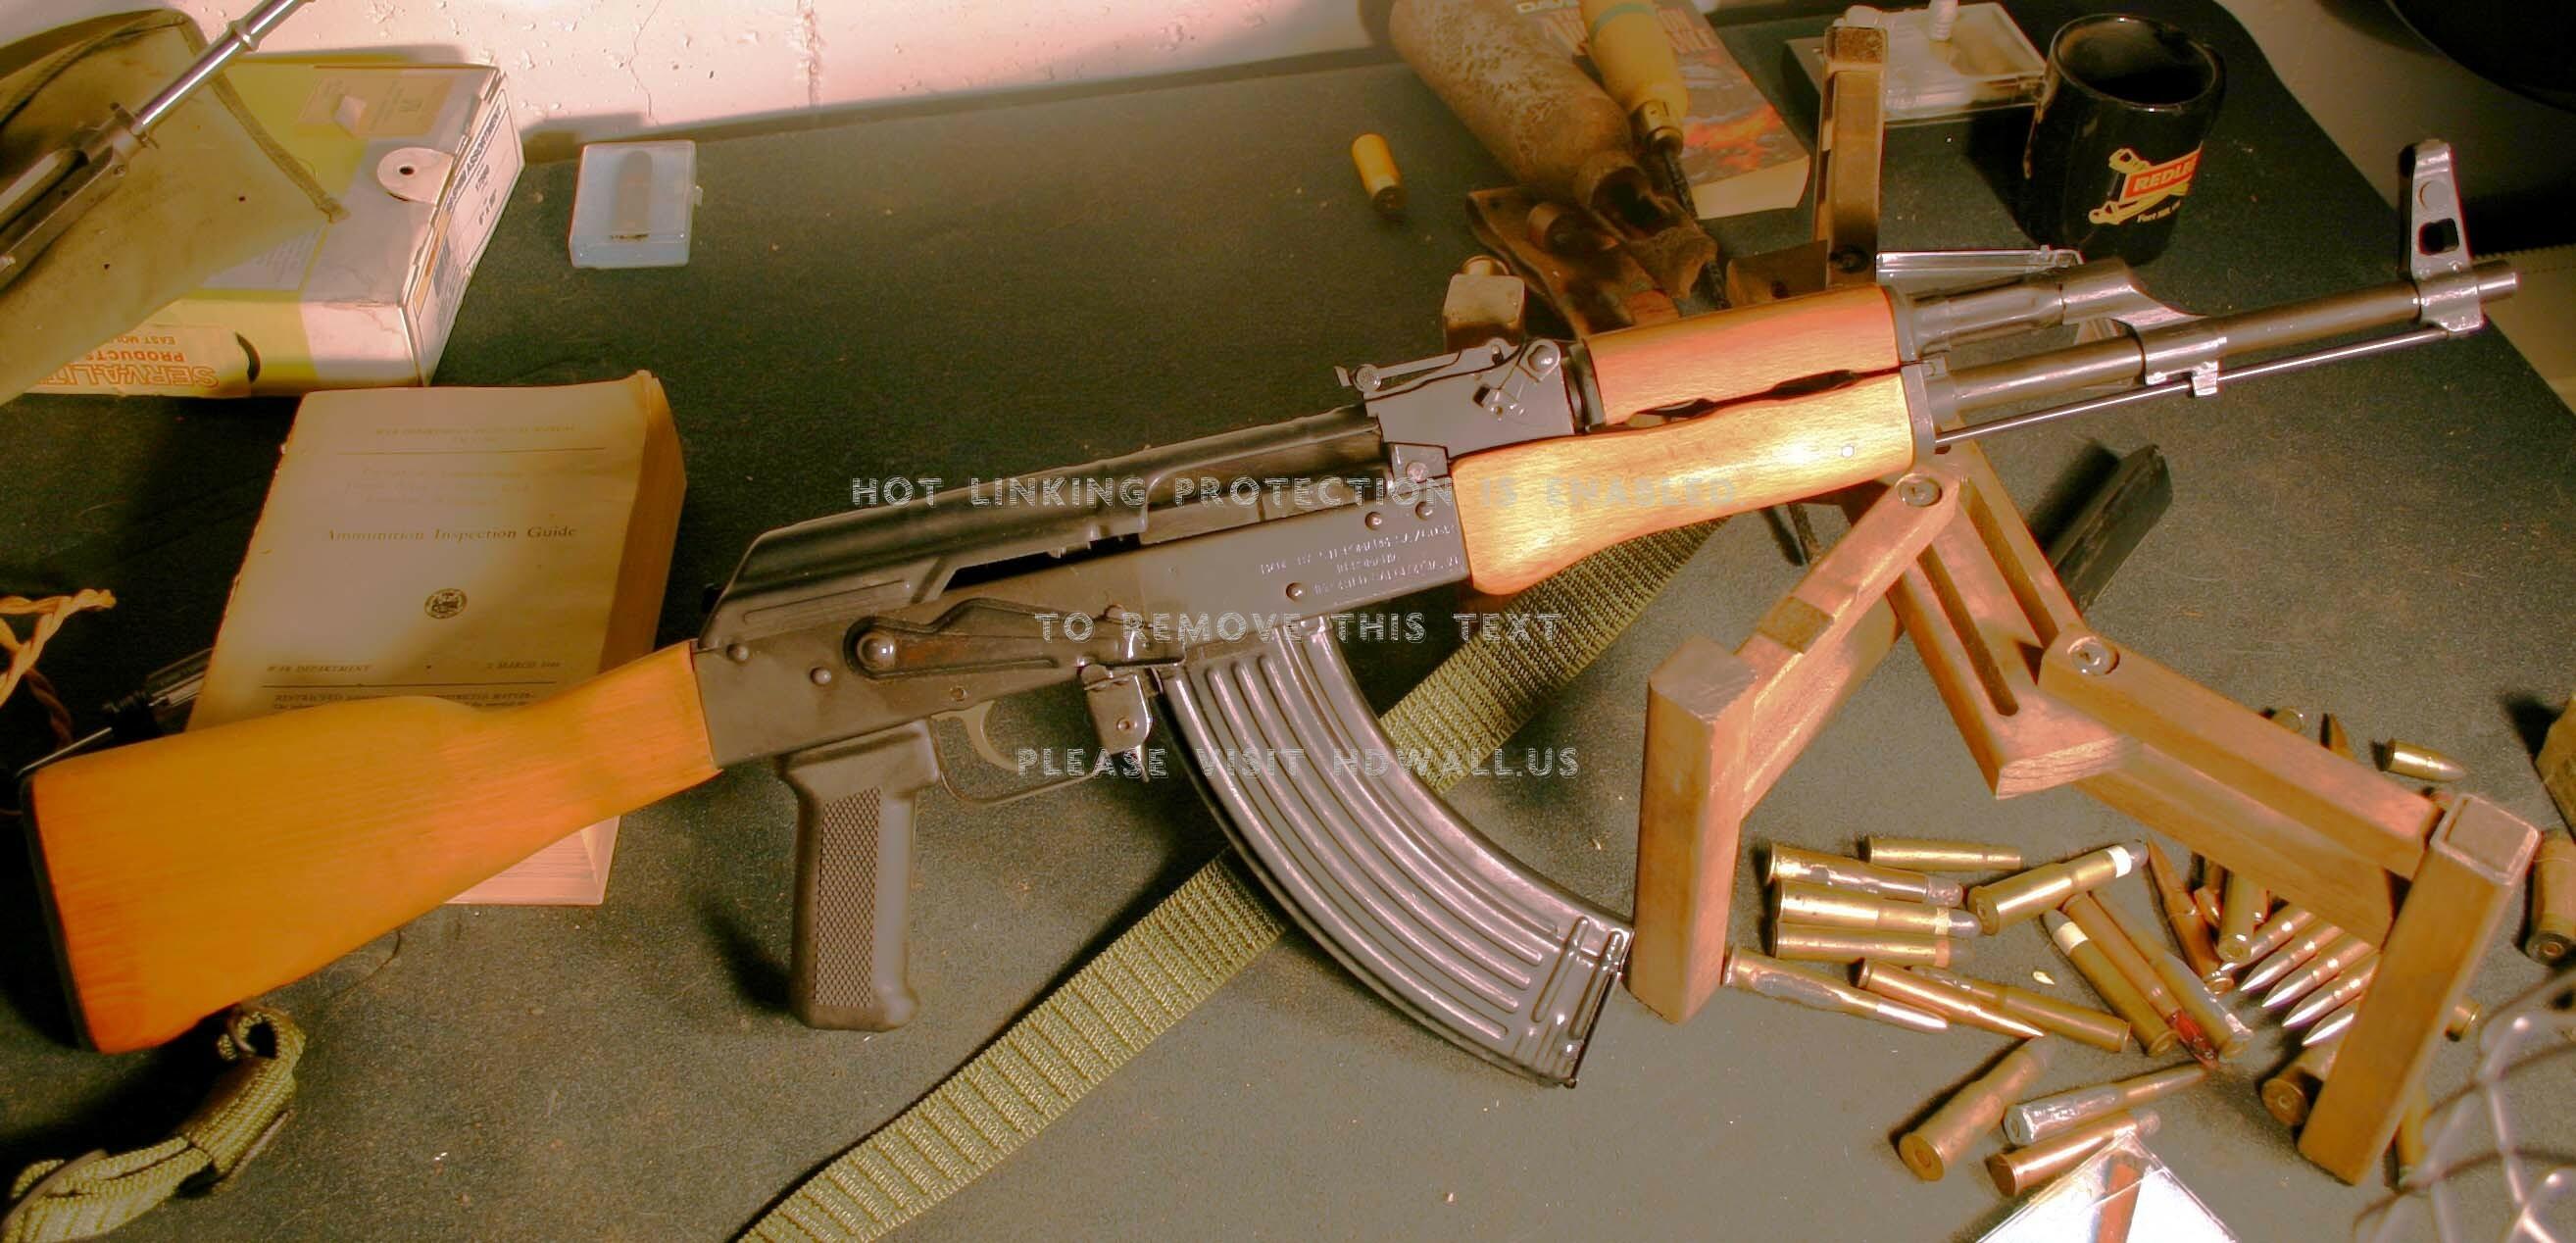 Ak 47 Gun Download 1420523 Hd Wallpaper Backgrounds Download